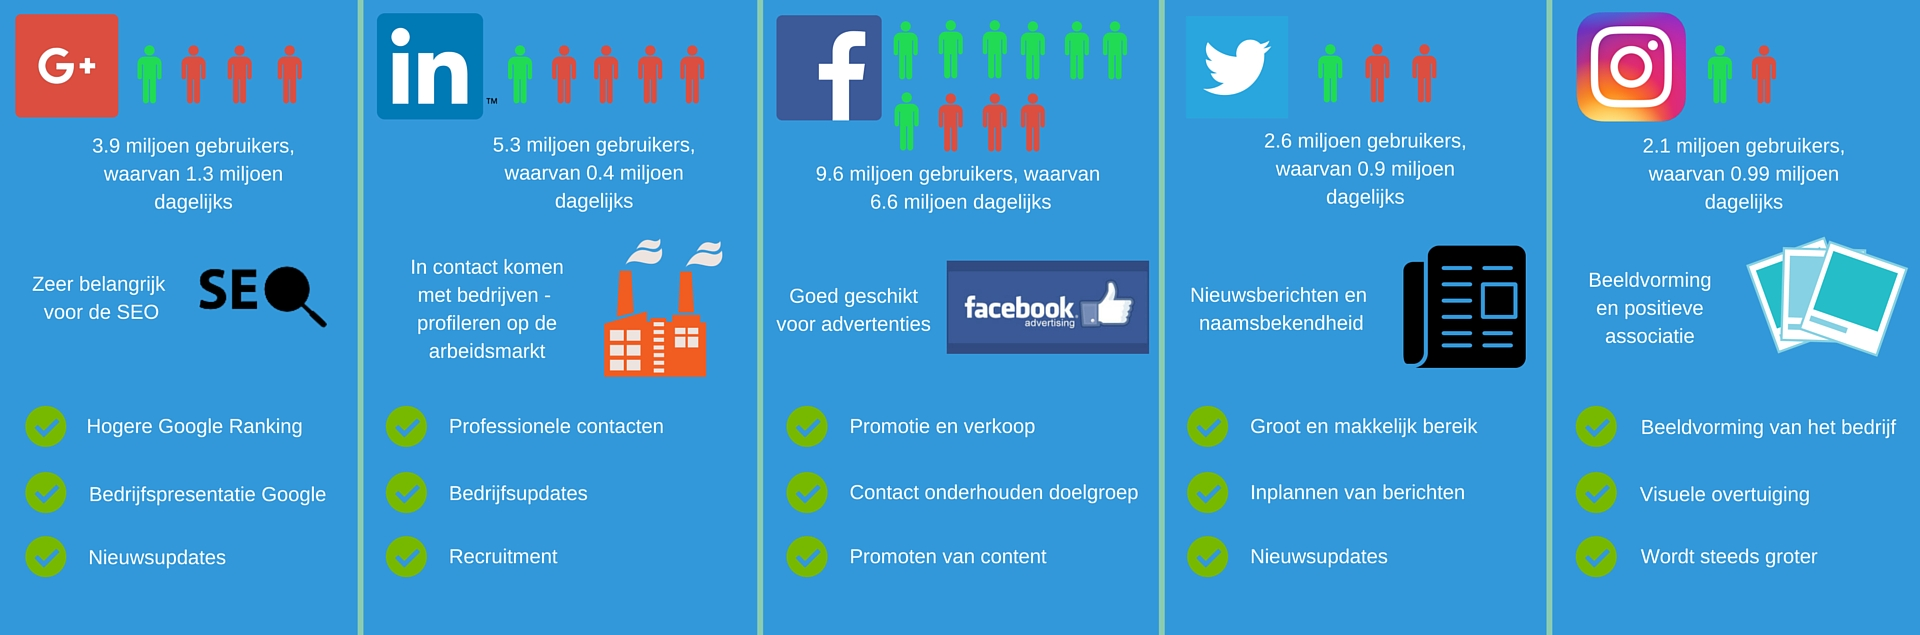 Visuele image met de verschillende social media kanalen voor social media uitbesteden